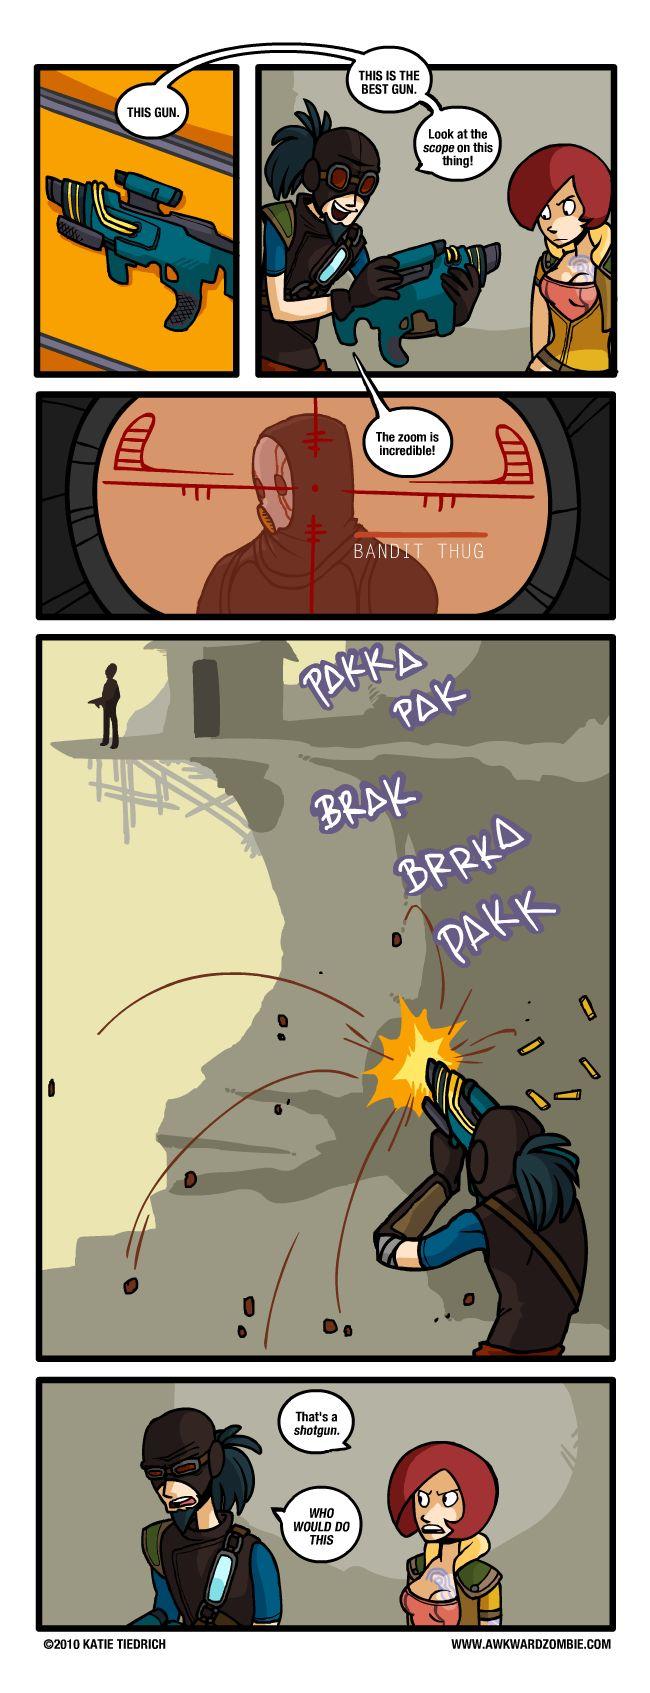 AWKWARD ZOMBIE comics.